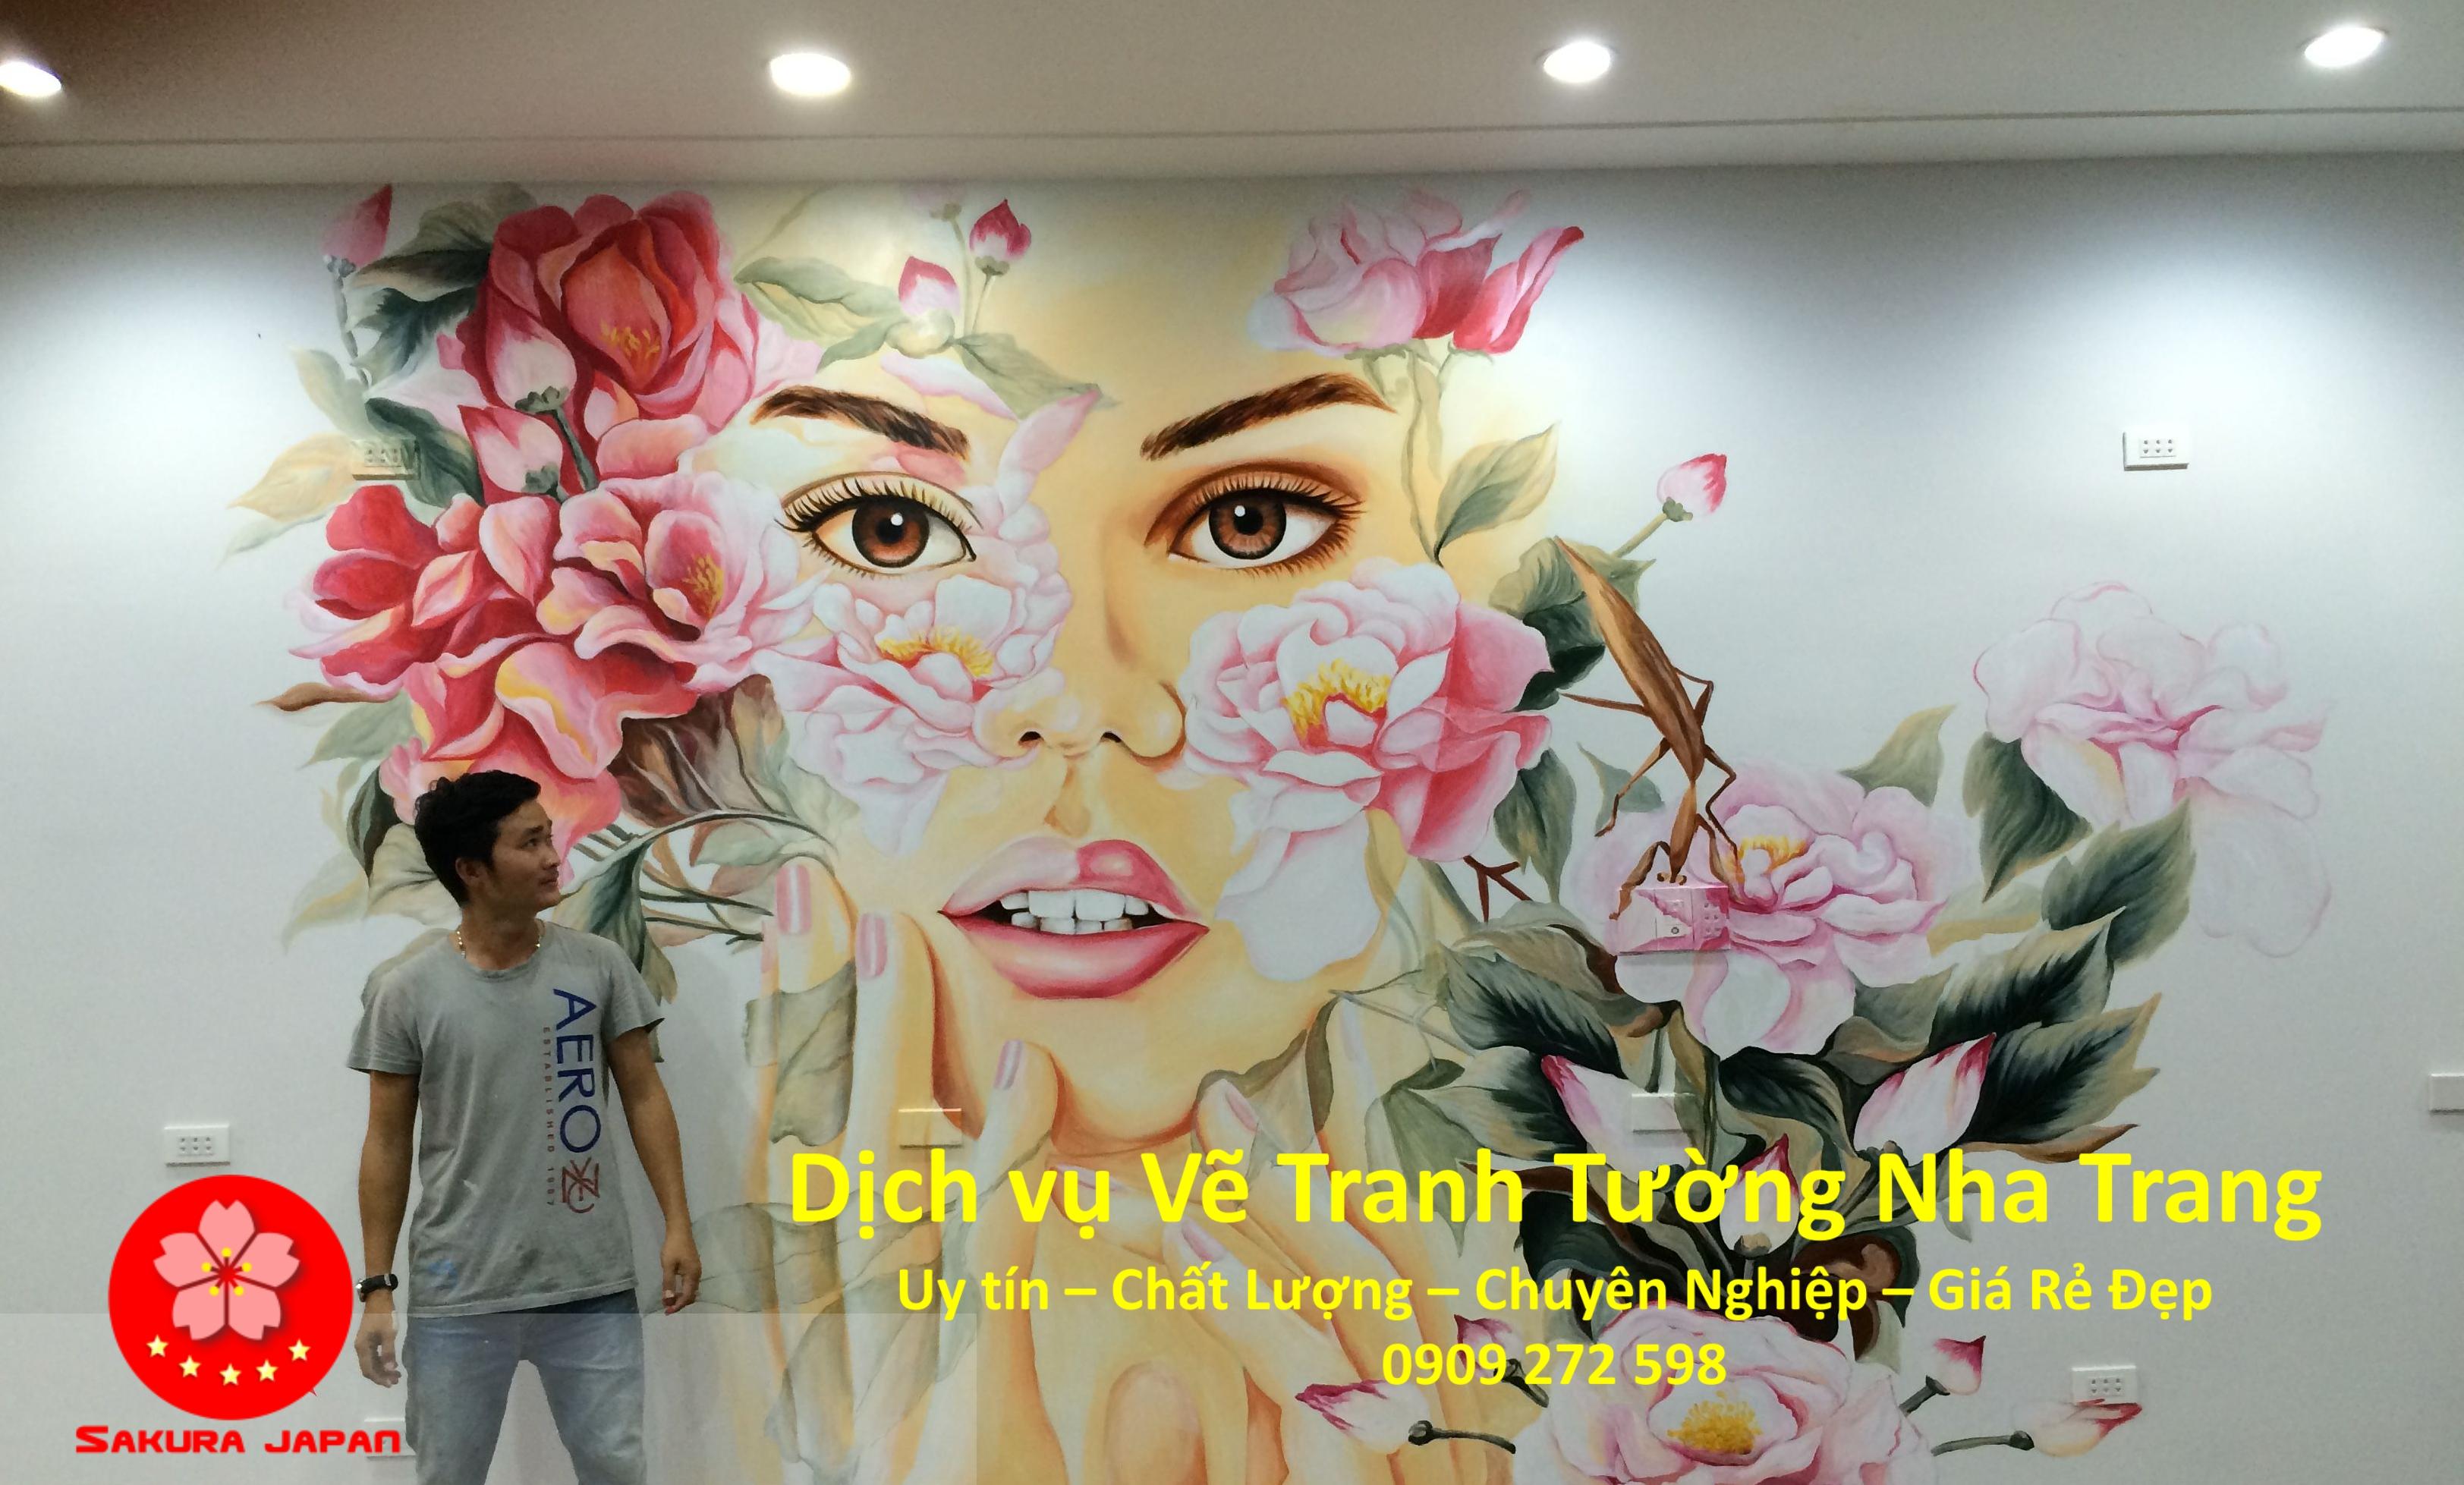 Dịch vụ Vẽ Tranh Tường Nha Trang chuyên nghiệp đẹp Nhất Sakura